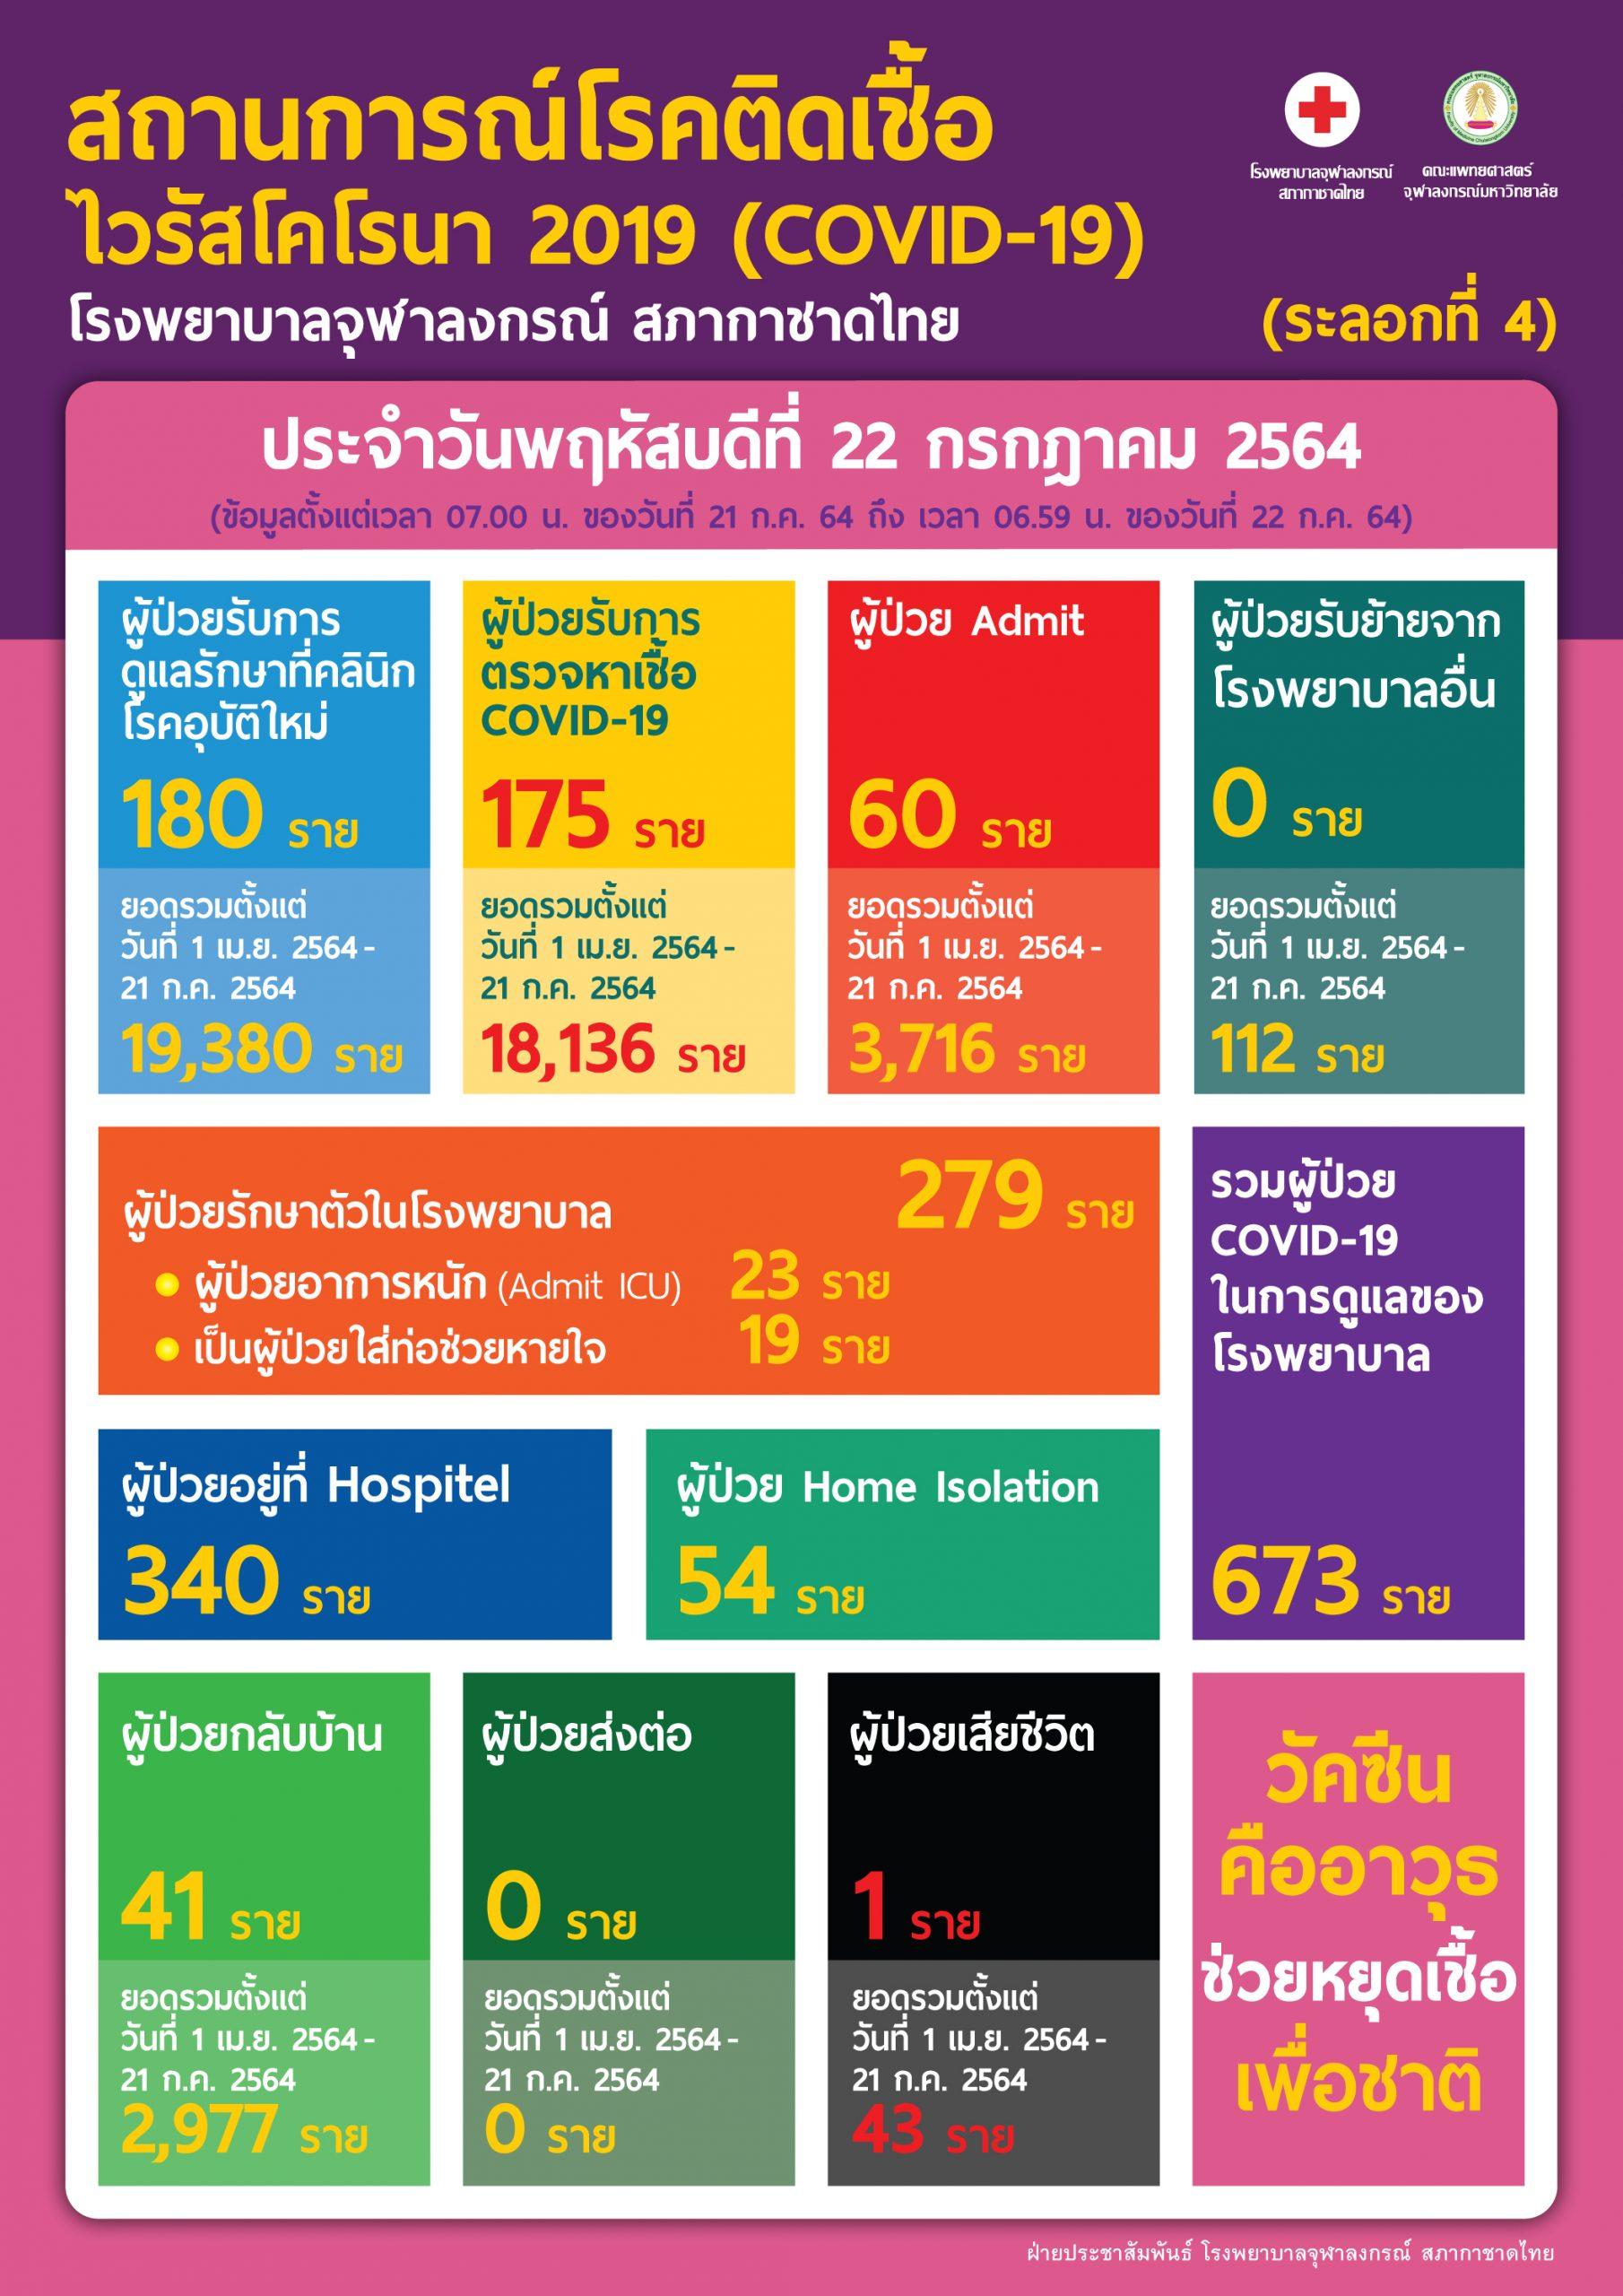 สถานการณ์โรคติดเชื้อไวรัสโคโรนา 2019 (COVID-19)  (ระลอกที่ 4) โรงพยาบาลจุฬาลงกรณ์ สภากาชาดไทย  ประจำวันพฤหัสบดีที่ 22 กรกฎาคม 2564